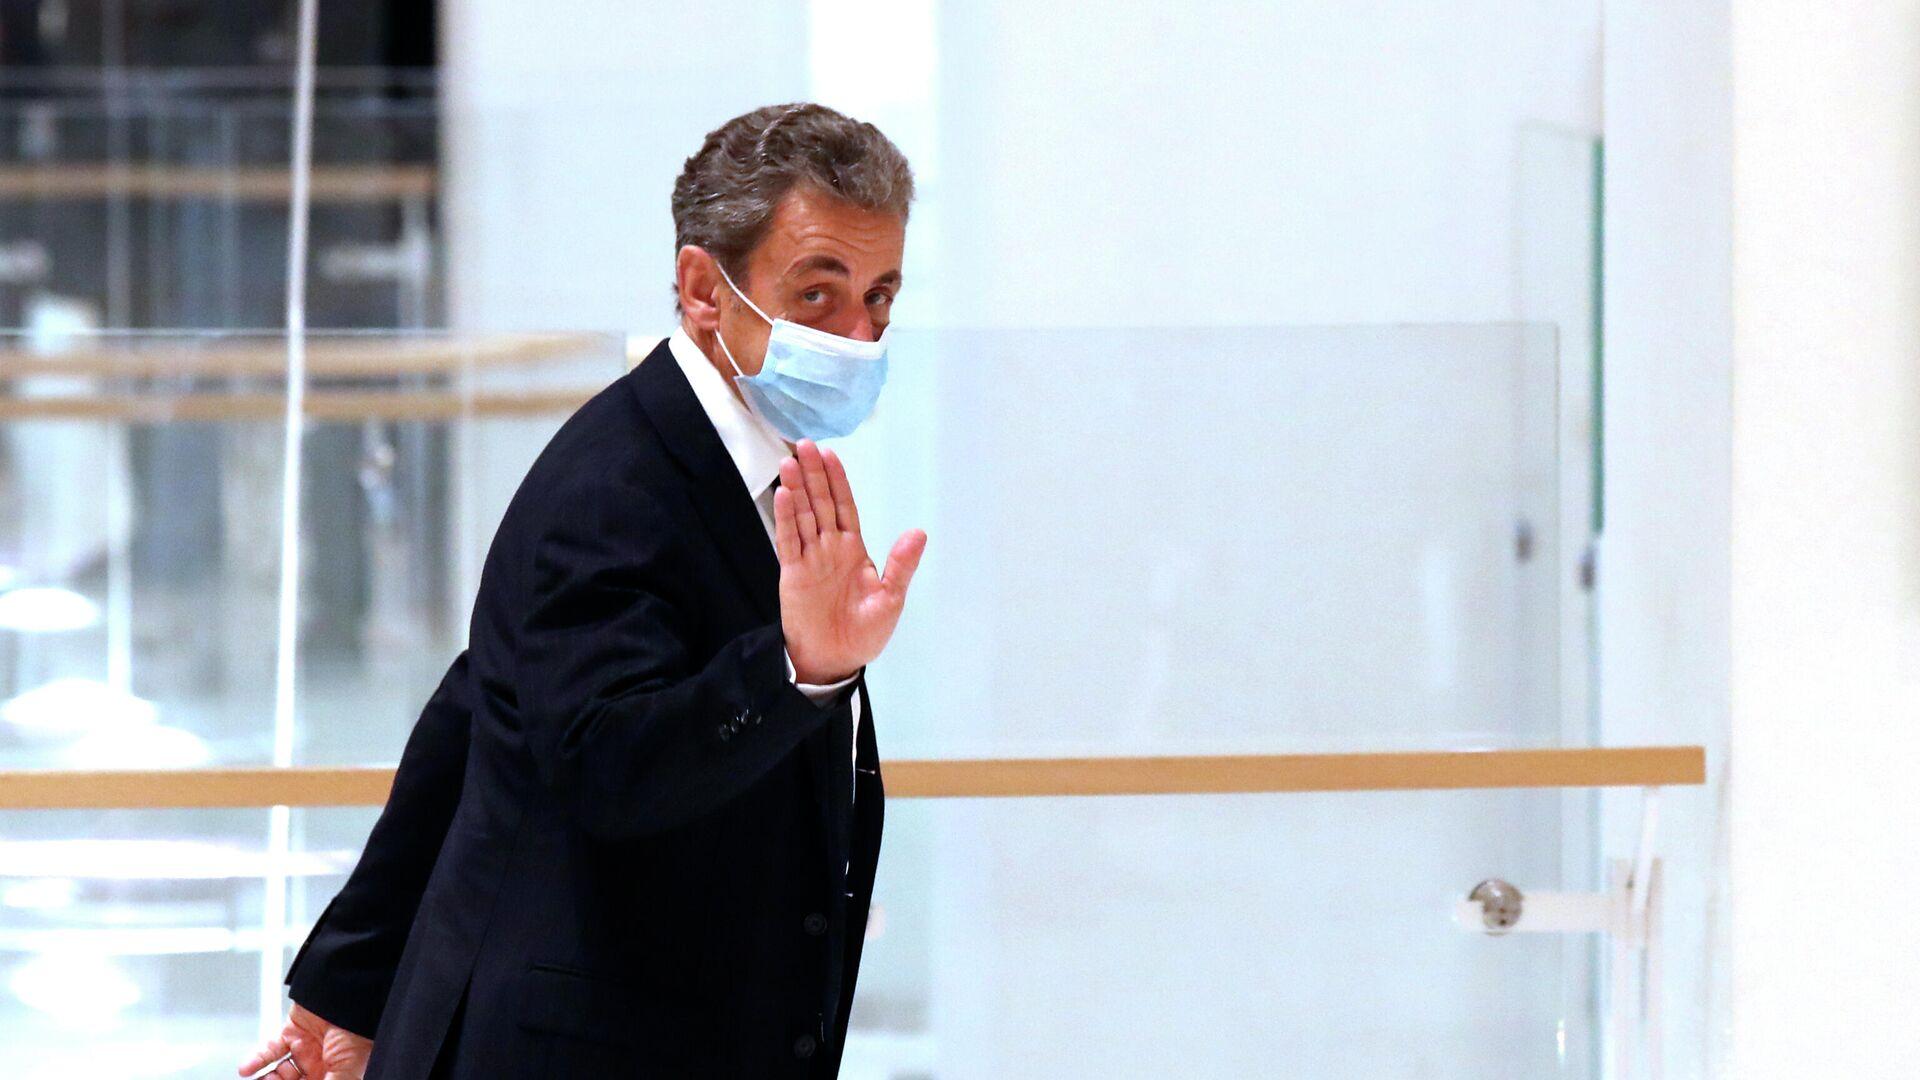 Бывший президент Франции Николя Саркози в здании суда - РИА Новости, 1920, 08.12.2020